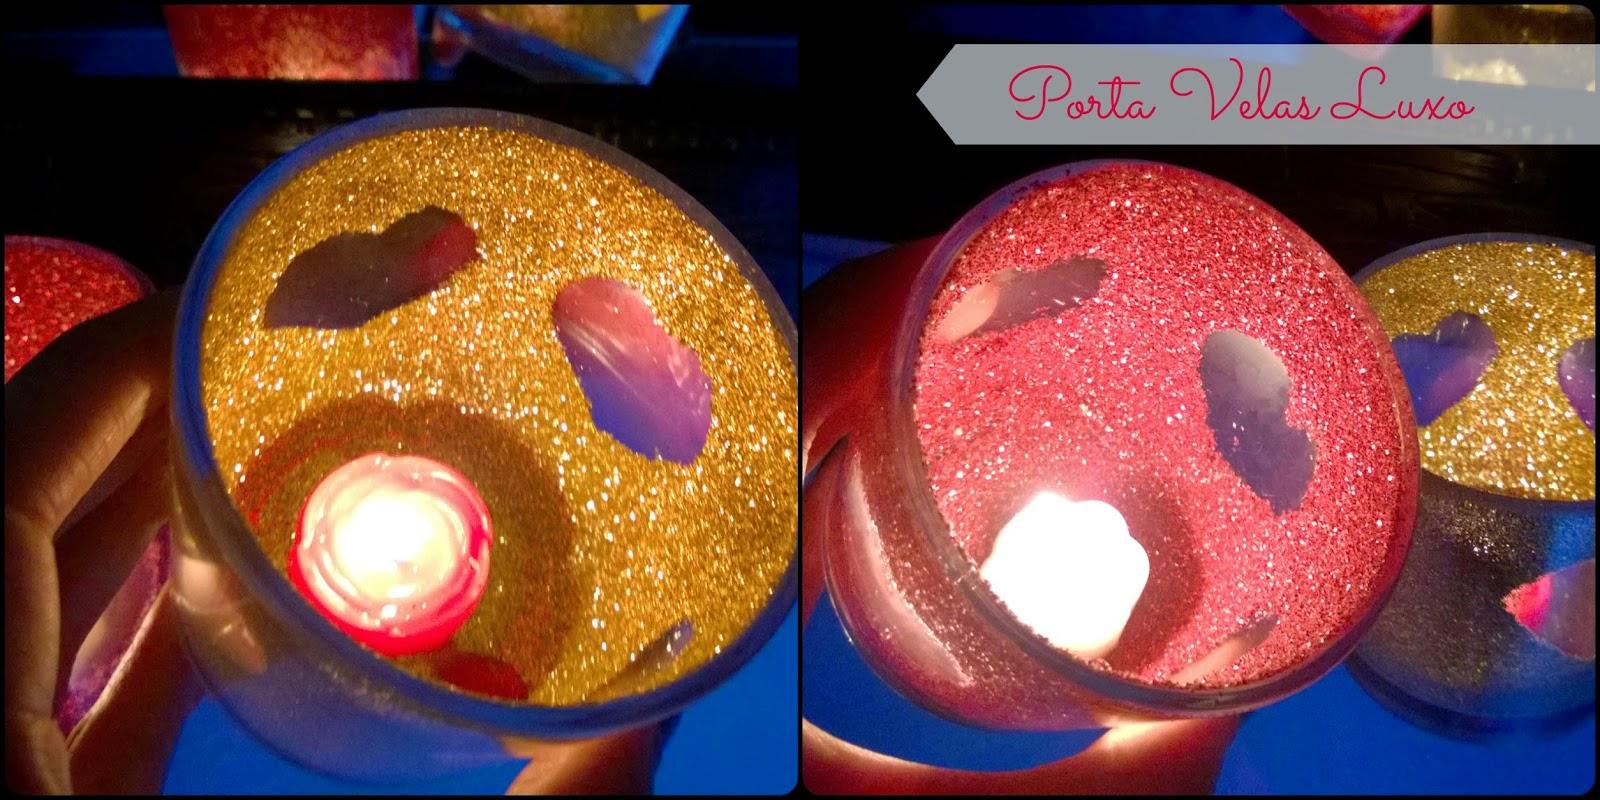 Decorando com Velas: DIY Porta Velas com Glitter